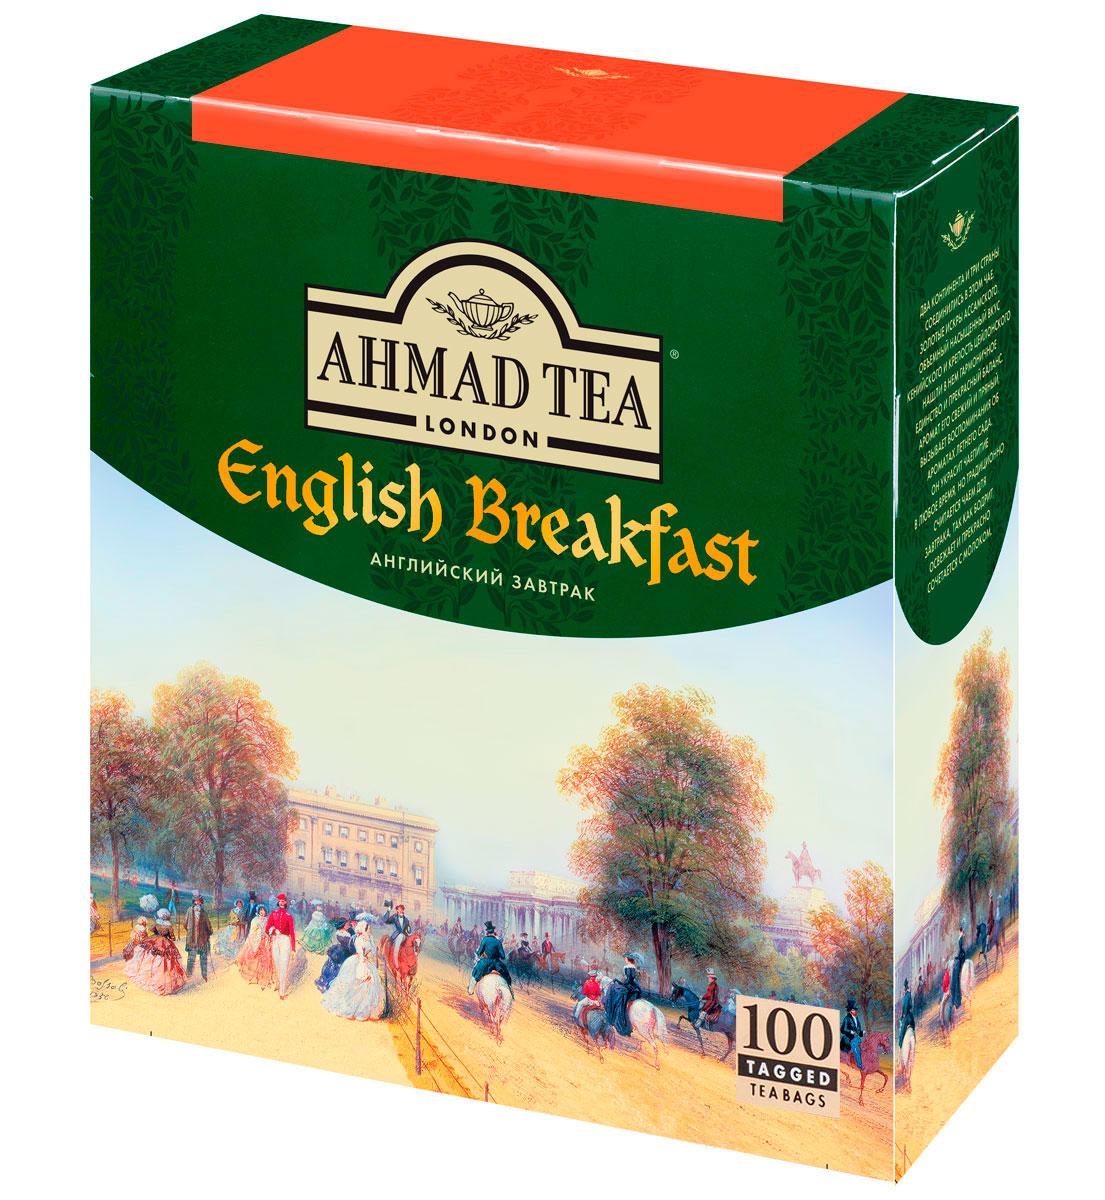 Ahmad Tea English Breakfast черный чай в пакетиках, 100 шт0120710Два континента и три страны соединились в чае Ahmad English Breakfast. Золотистые искры ассамского, объемный и насыщенный вкус кенийского и крепость цейлонского нашли в нем гармоничное единство и прекрасный баланс. Аромат его свежий и пряный, вызывает воспоминания об ароматах летнего сада. Он украсит чаепитие в любое время, но традиционно считается чаем для завтрака, так как бодрит, освежает и прекрасно сочетается с молоком.Заваривать 5-7 минут, температура воды 100 °С.